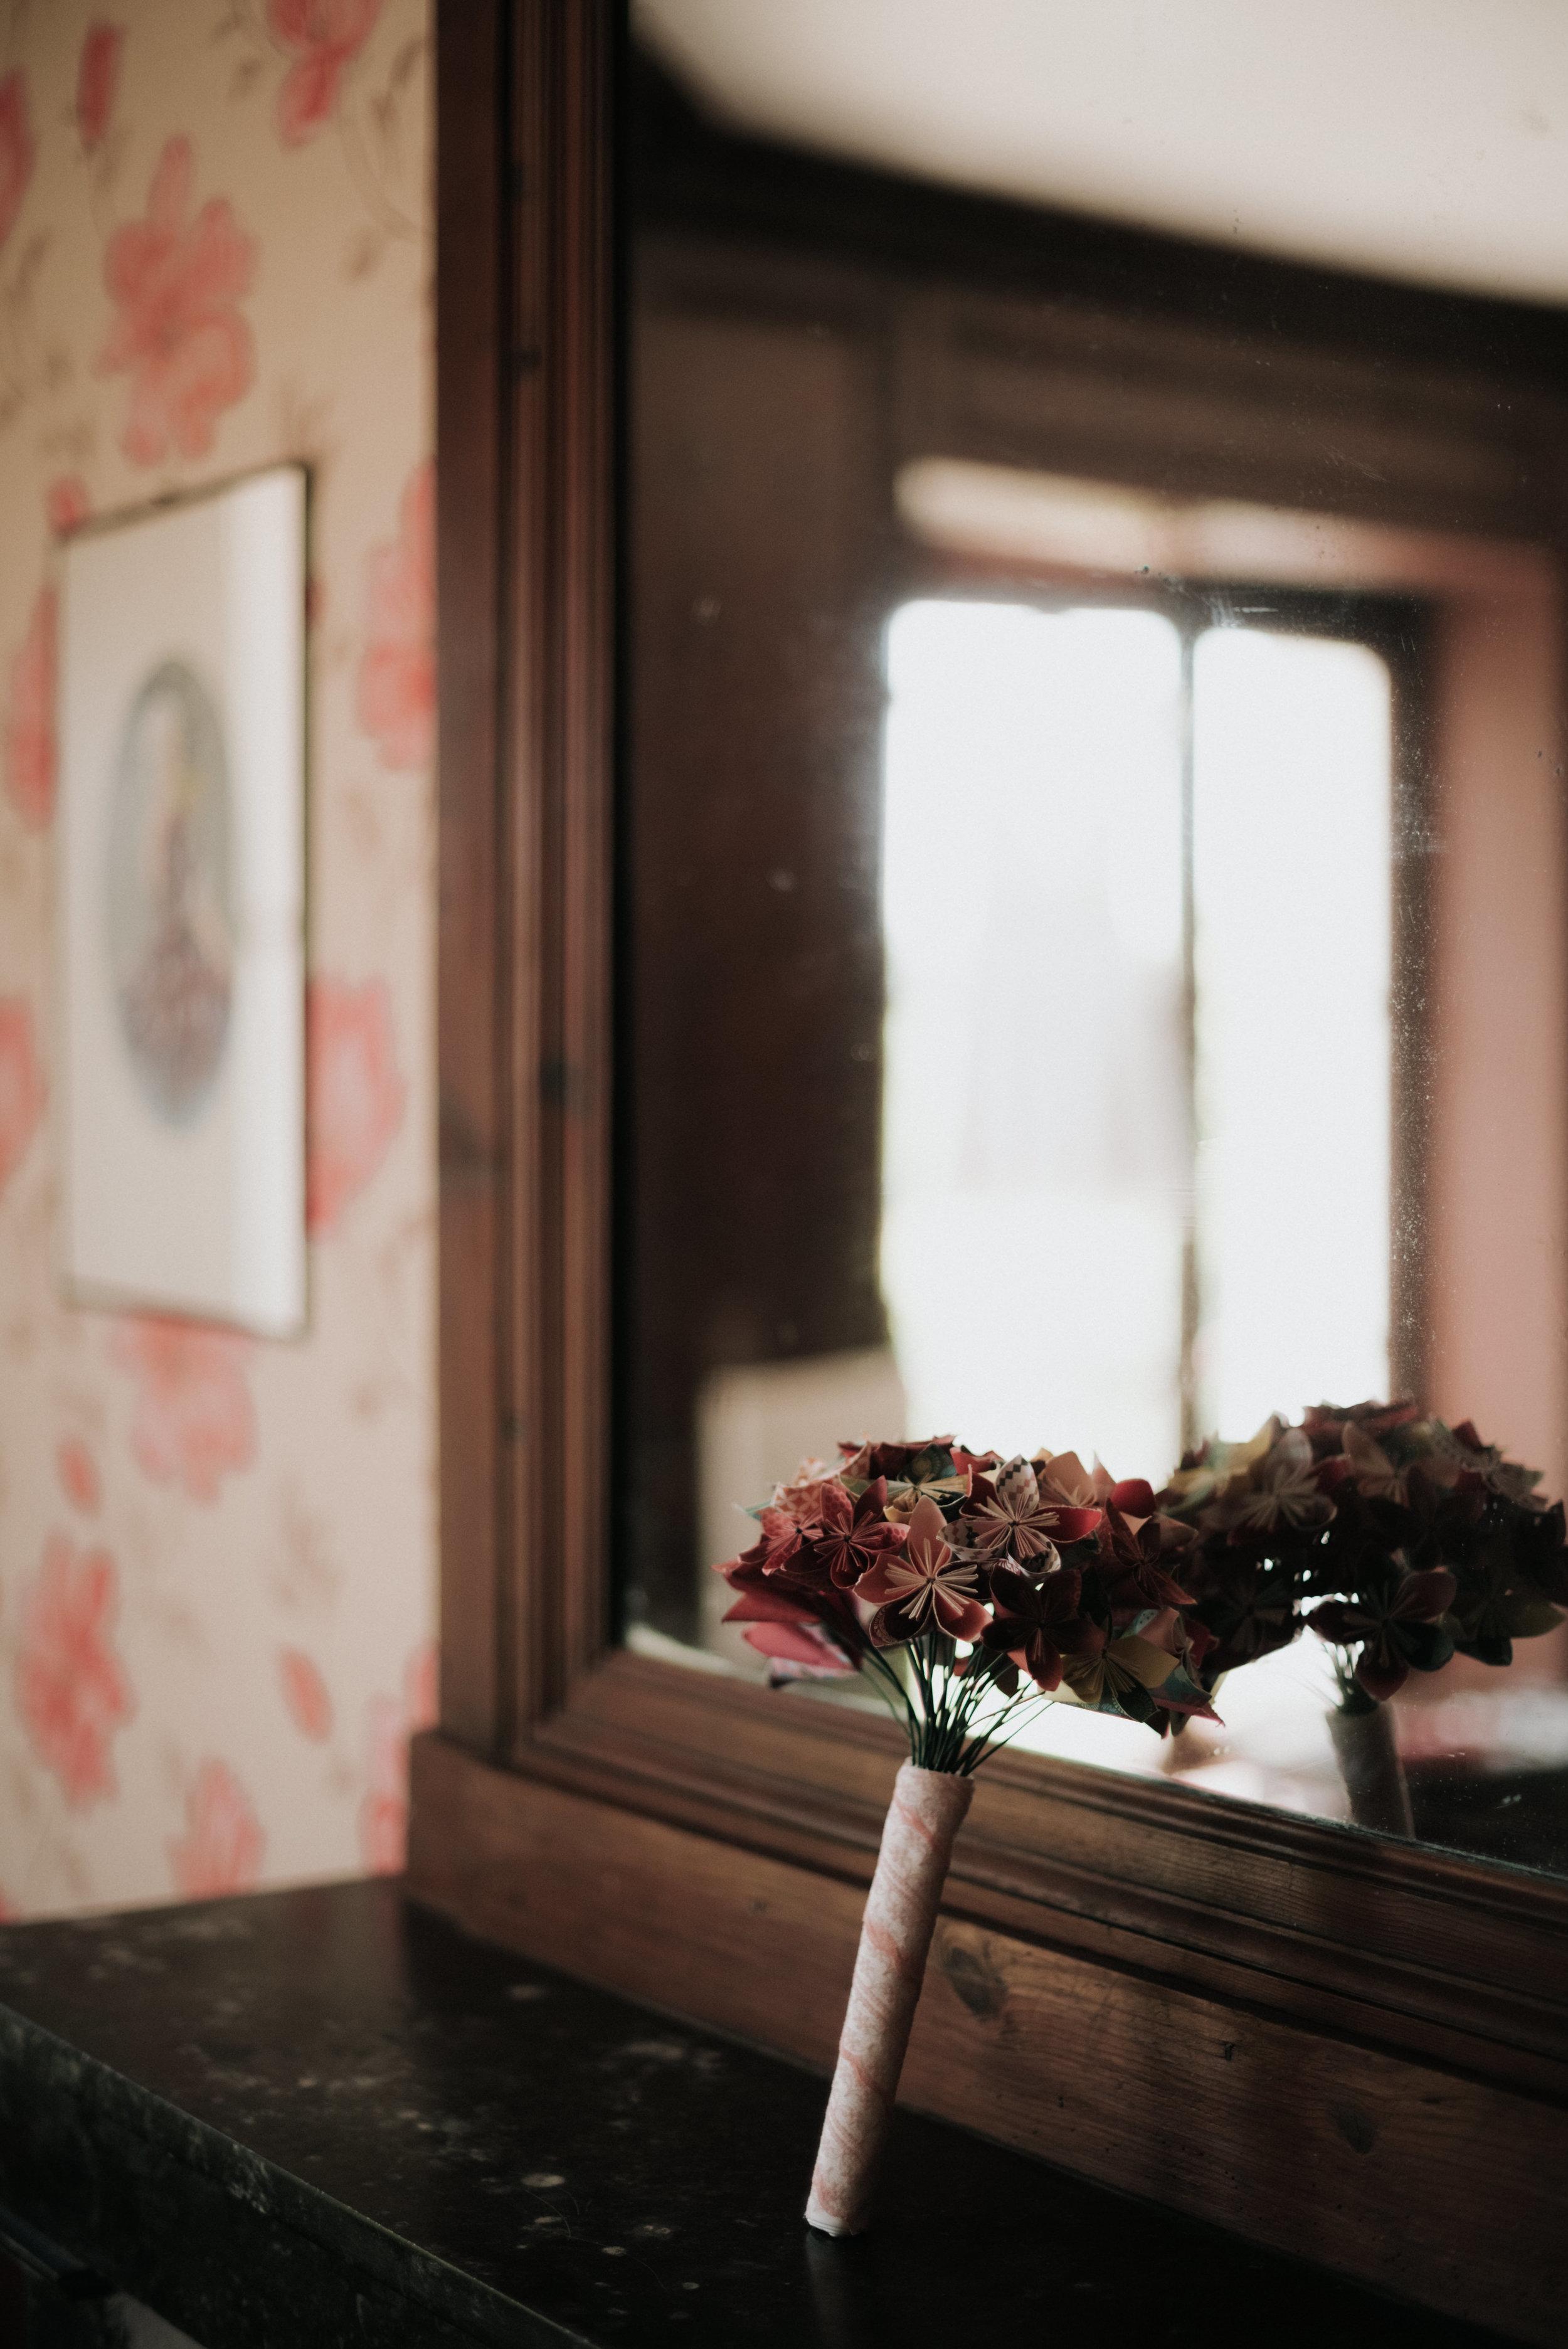 Léa-Fery-photographe-professionnel-lyon-rhone-alpes-portrait-creation-mariage-evenement-evenementiel-famille-4829.jpg